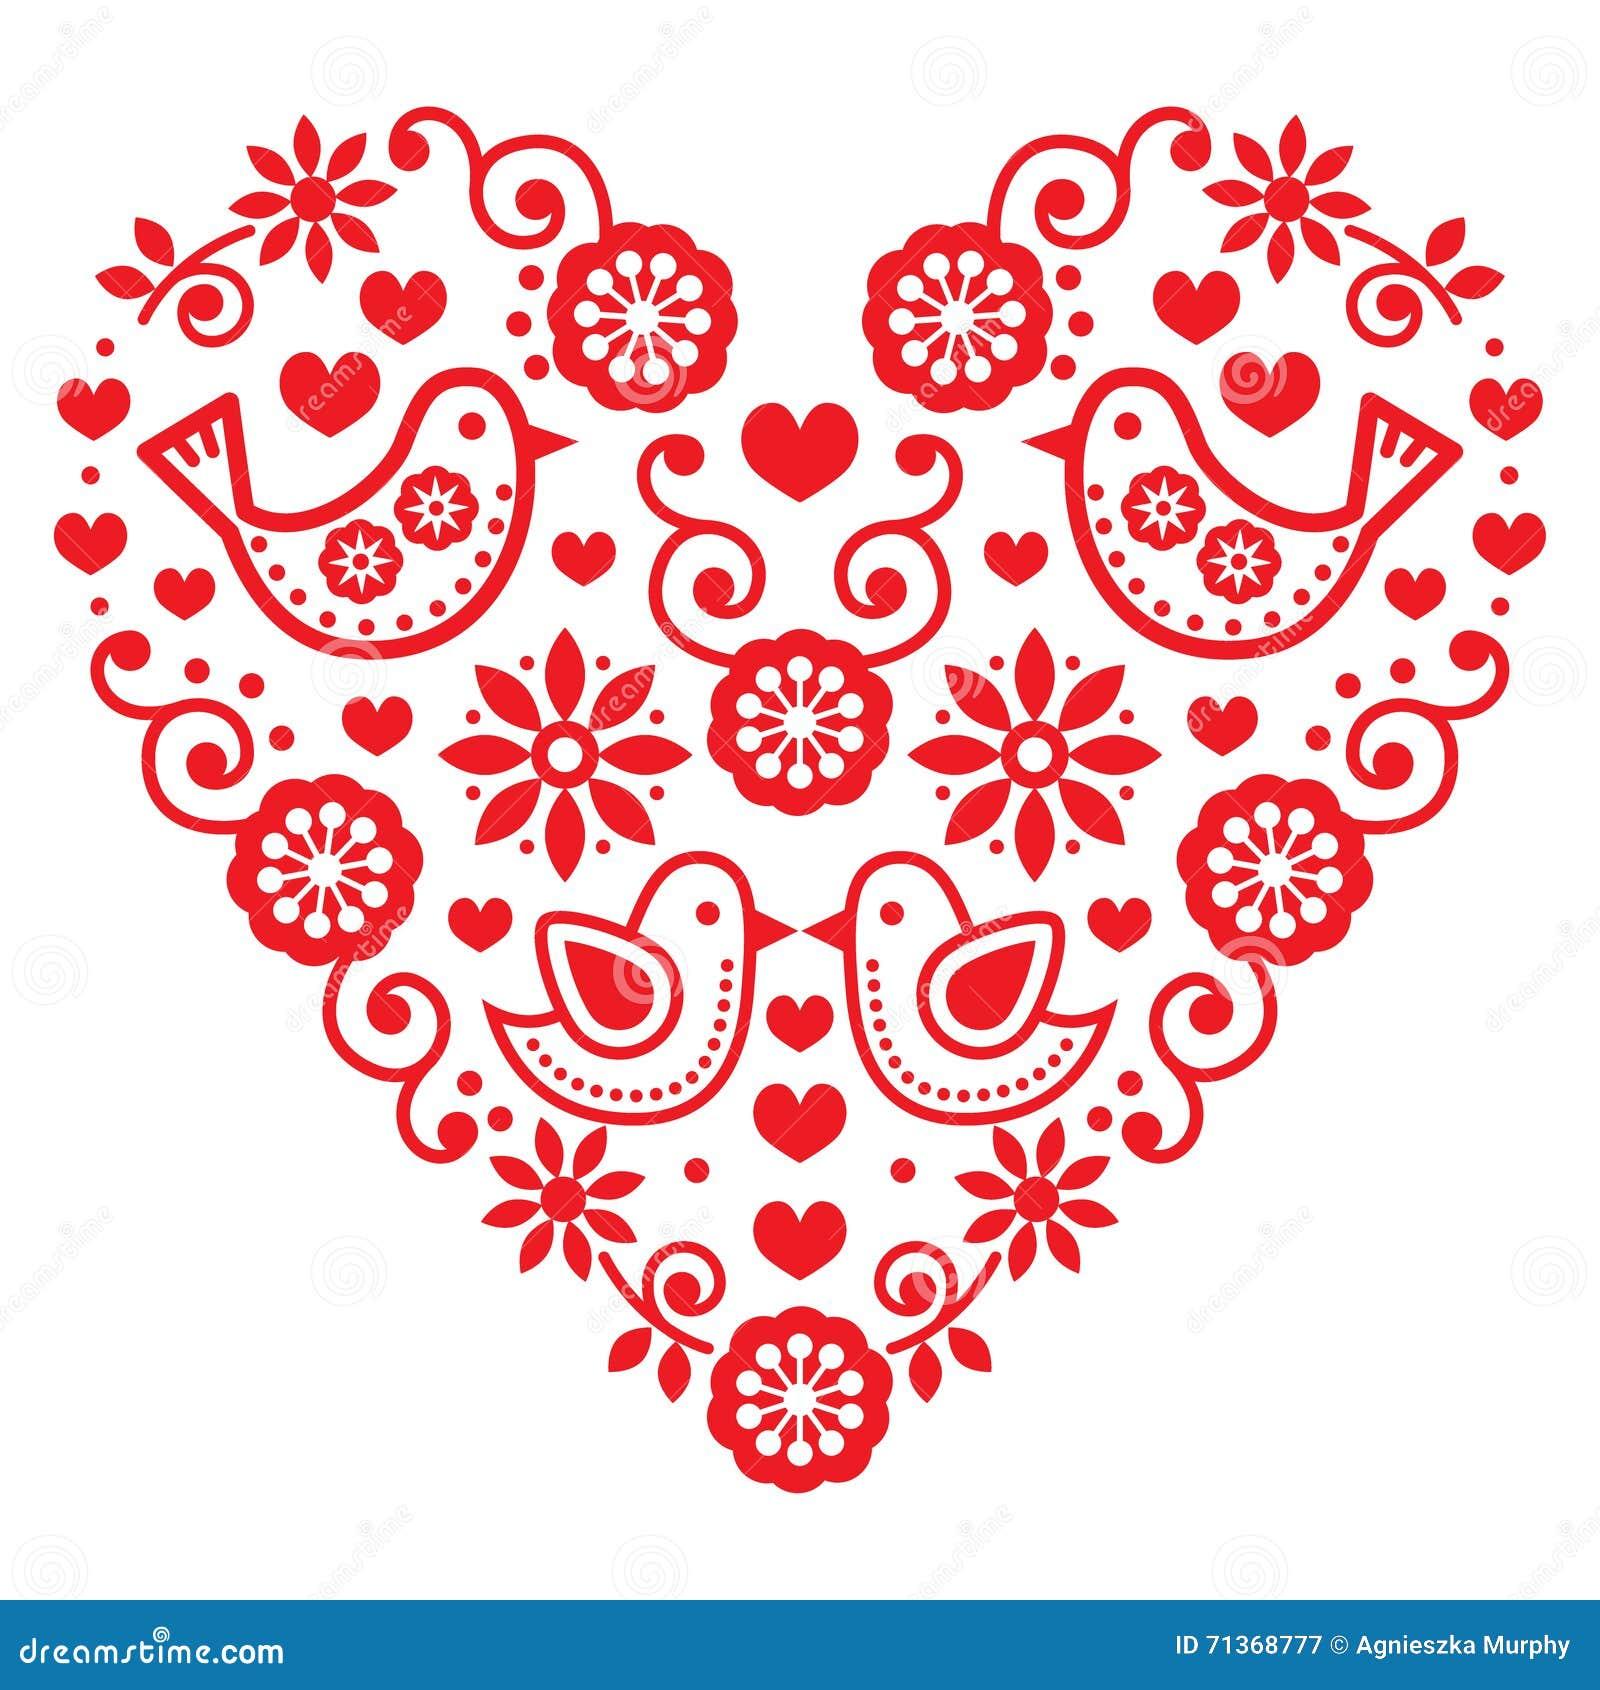 Folk Art Valentines Day Heart Love Wedding Birthday Greetings – Ukrainian Birthday Greetings